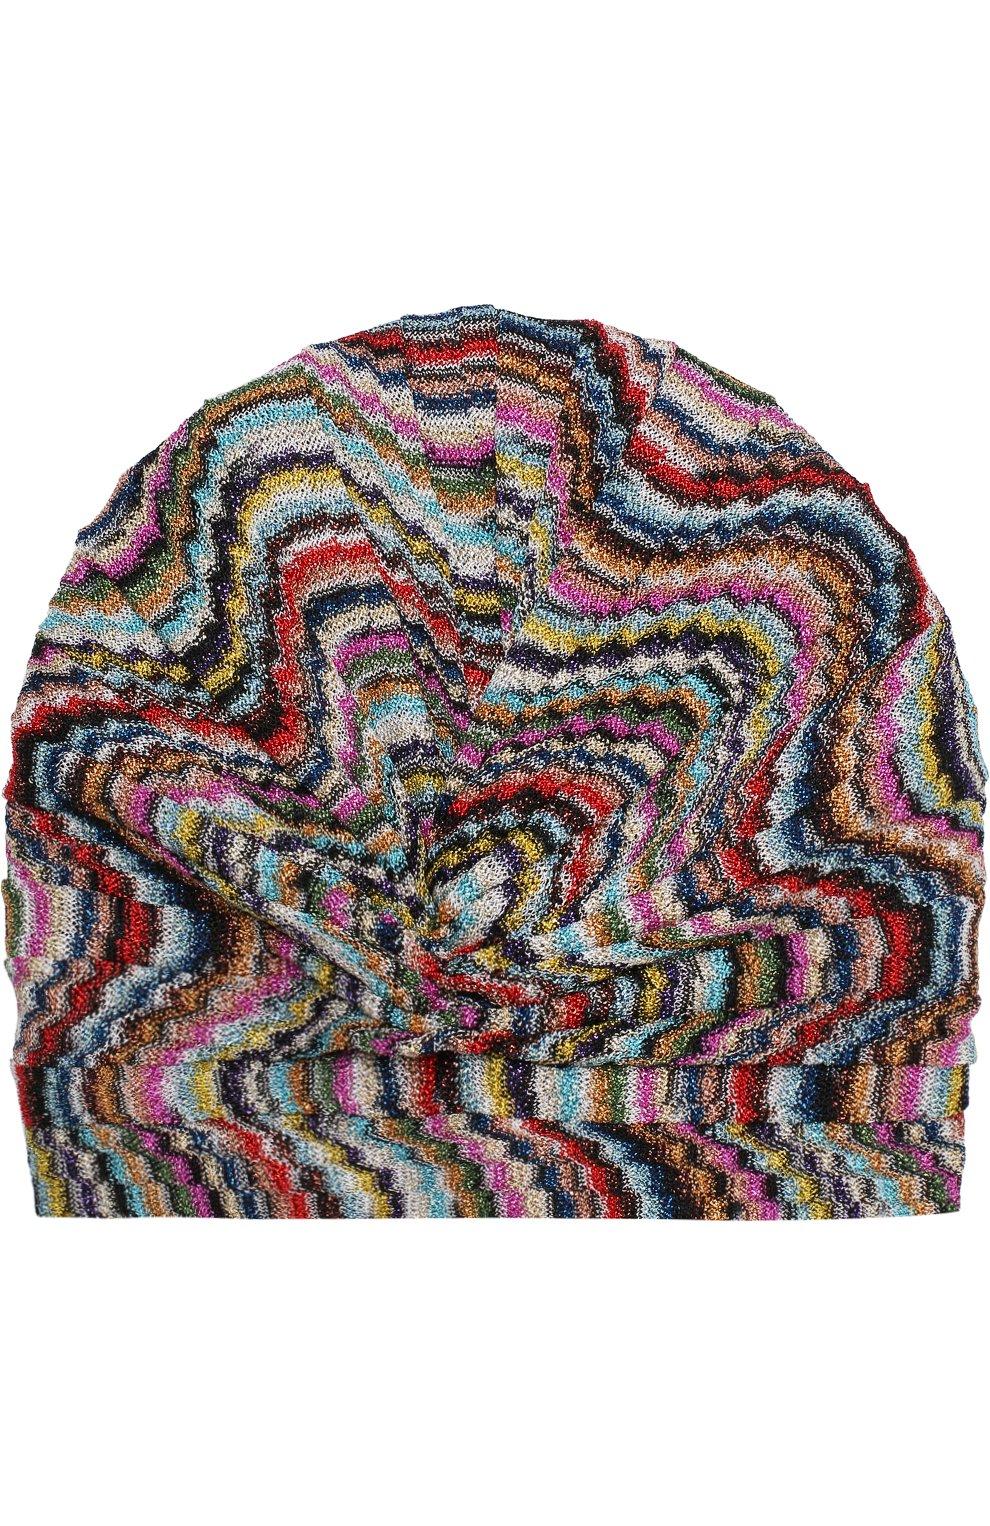 Вязаный тюрбан Missoni разноцветного цвета   Фото №2